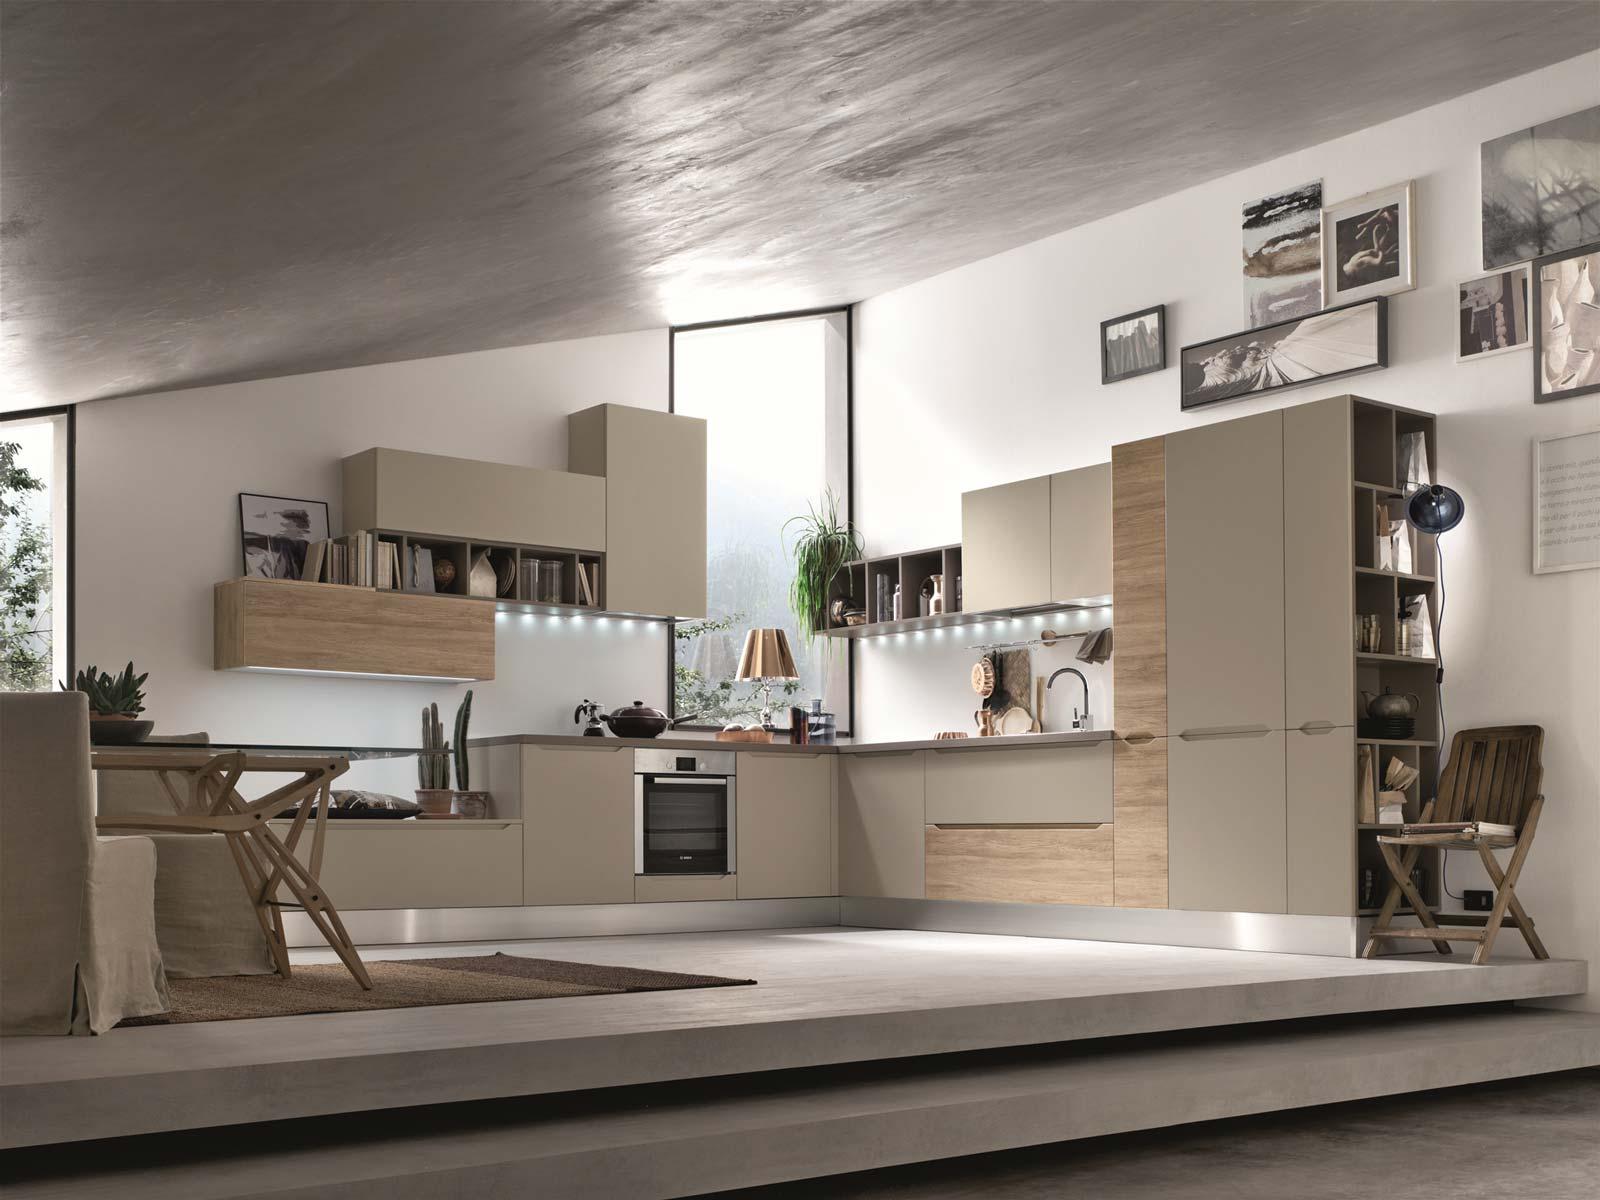 Raffaella arredamenti ercolano napoli vendita mobili for Cirella arredamenti camerette